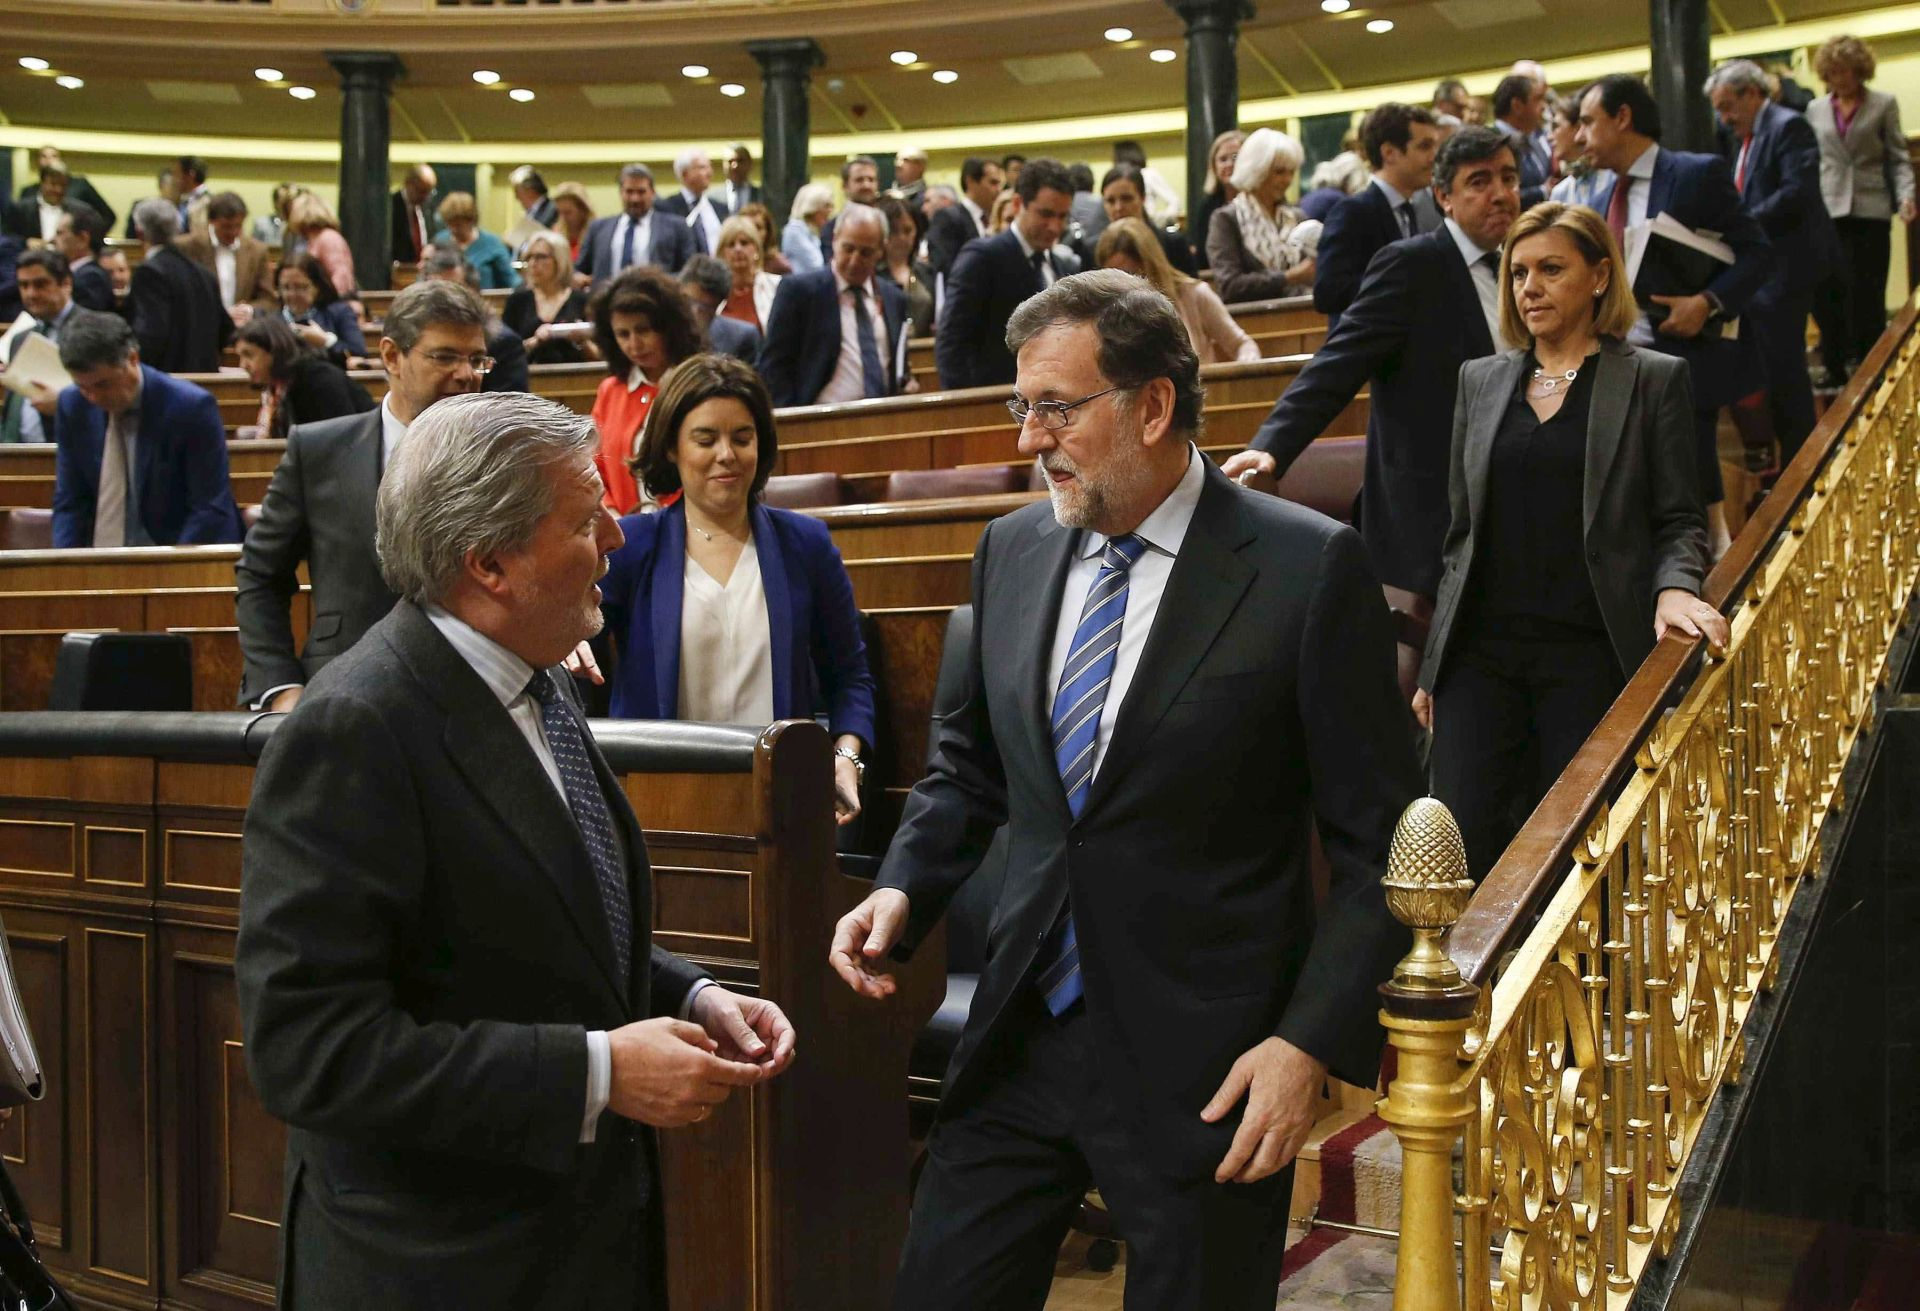 ANKETE: Ponovljeni izbori u Španjolskoj neće pomaknuti politički proces s mrtve točke